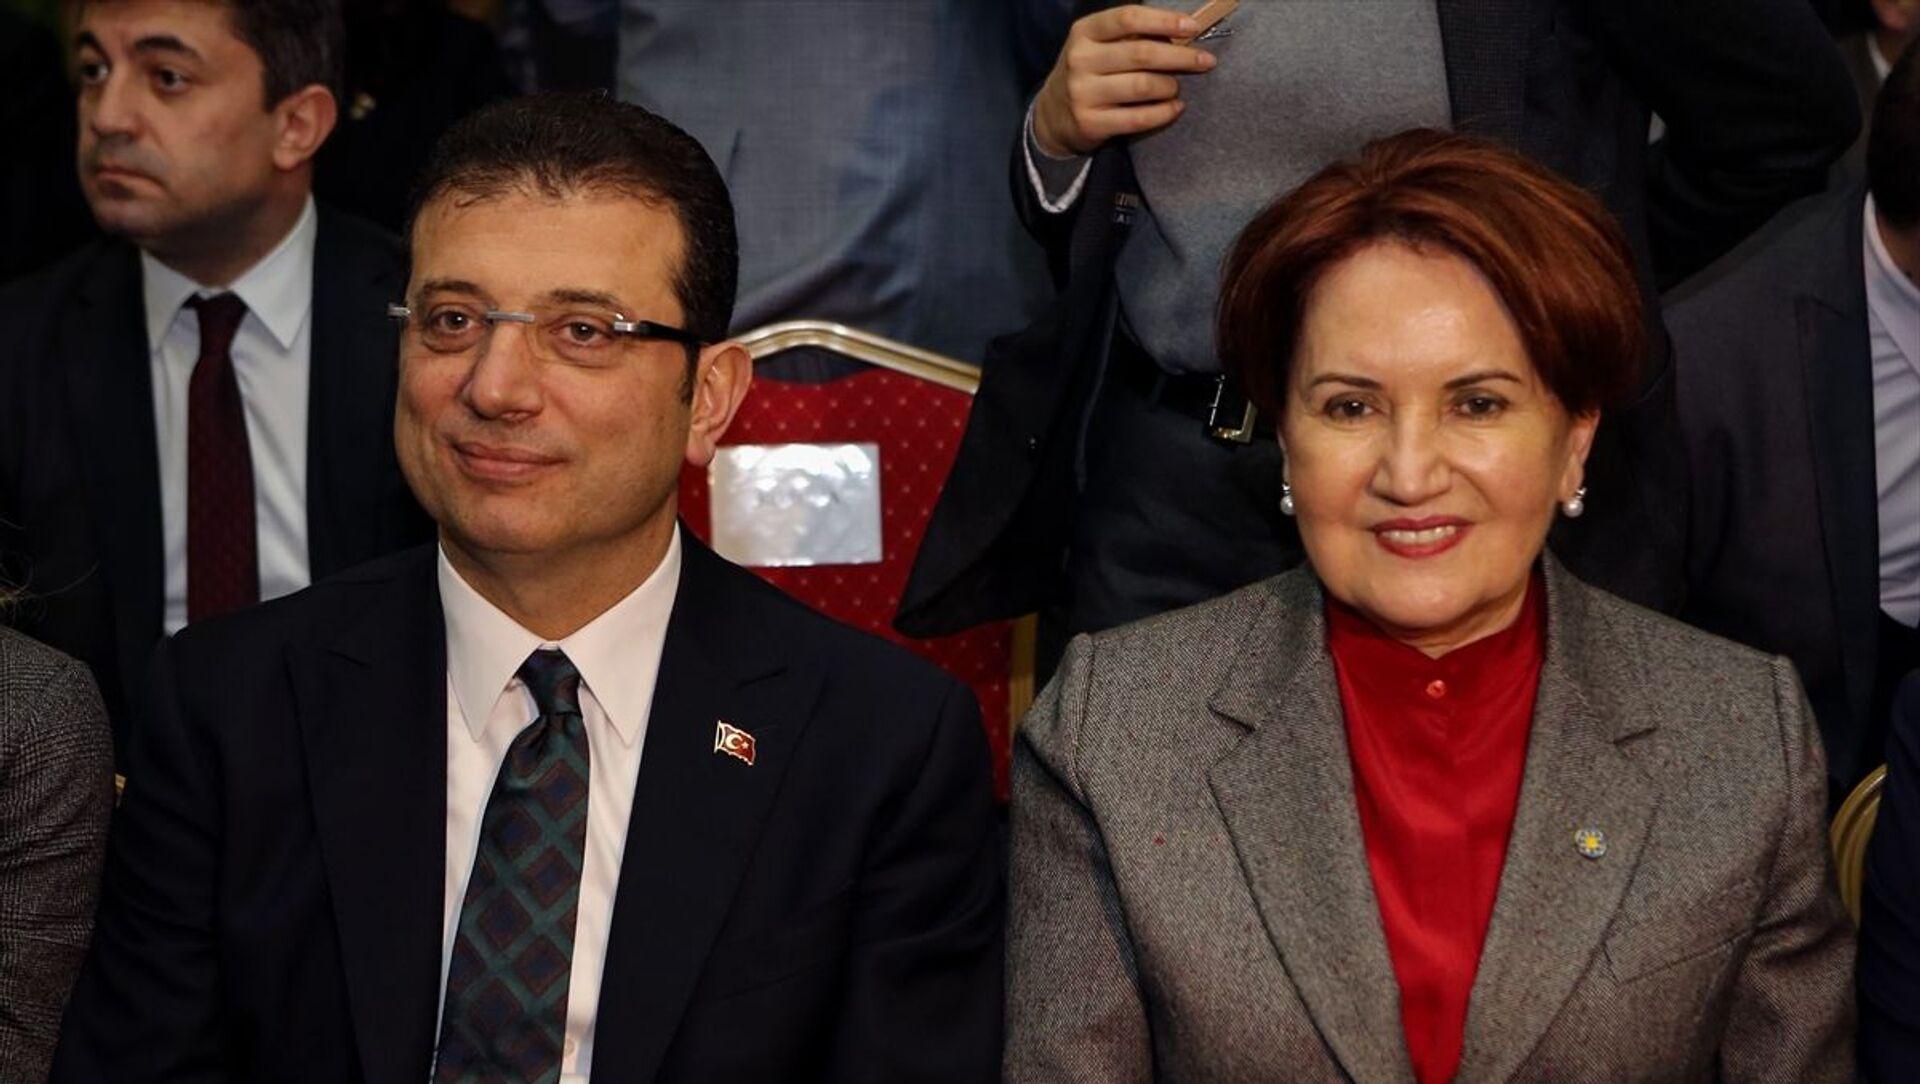 İstanbul Büyükşehir Belediye (İBB) Başkanı Ekrem İmamoğlu ve İYİ Parti Genel Başkanı Meral Akşener - Sputnik Türkiye, 1920, 10.03.2021